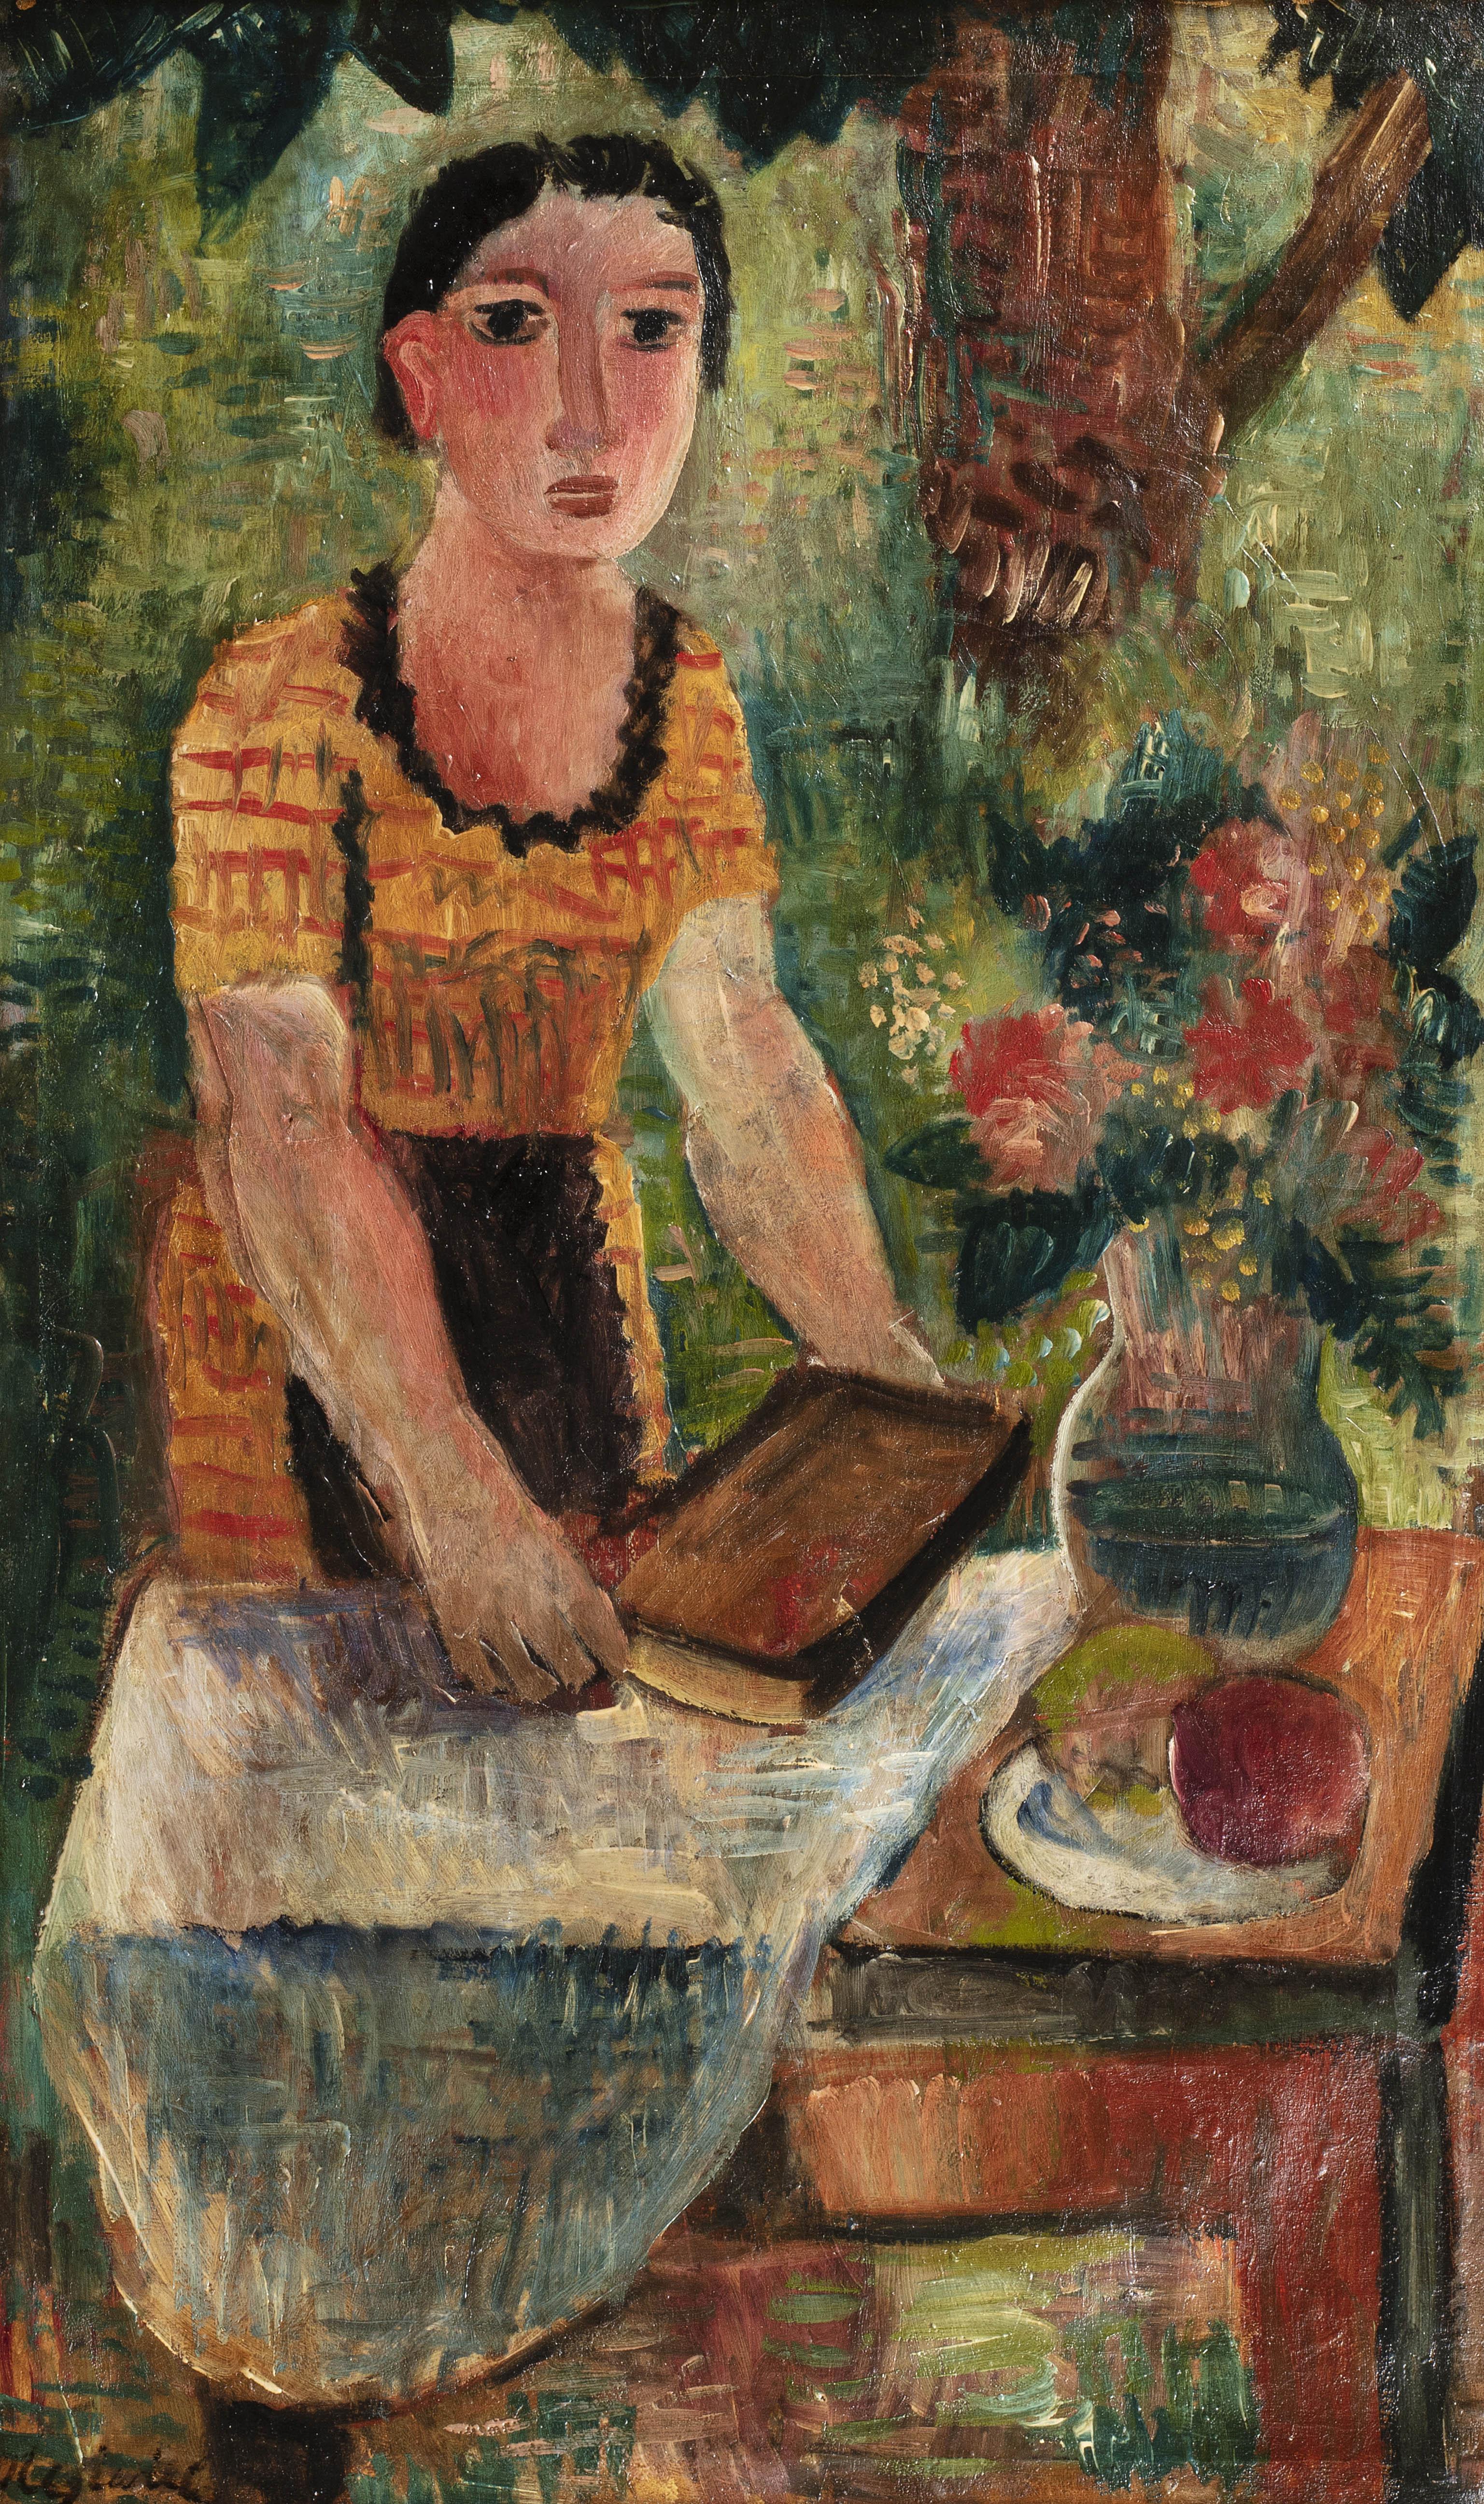 Młoda kobieta w swoim ogrodzie, ok. 1925